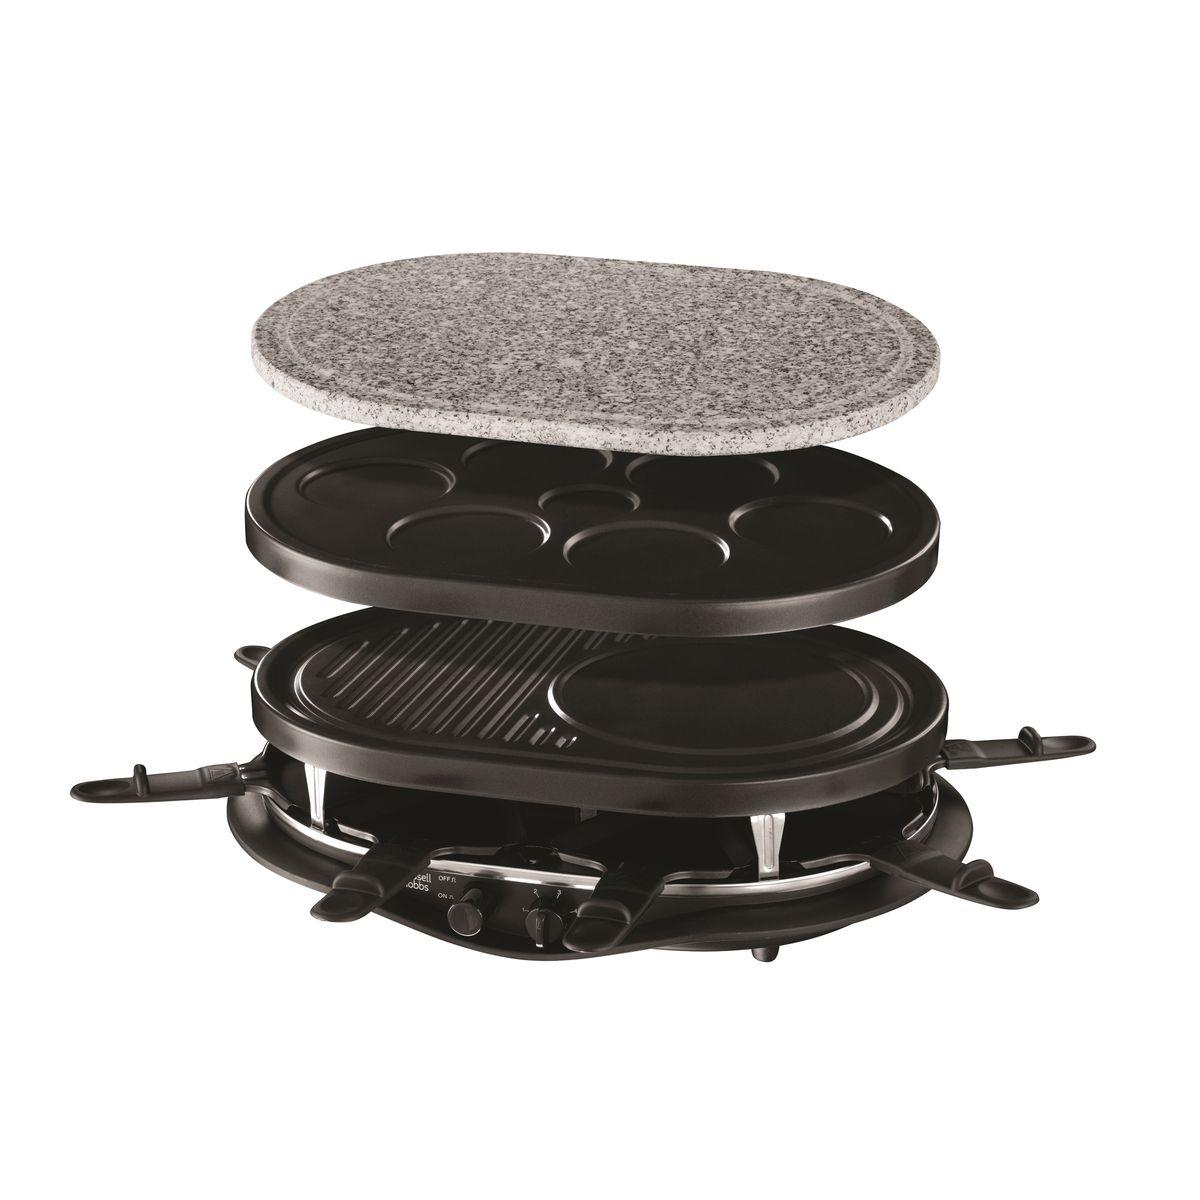 Raclette 21000-56 Fiesta quatuor 4 en 1 - 1200W, 8 poêlons